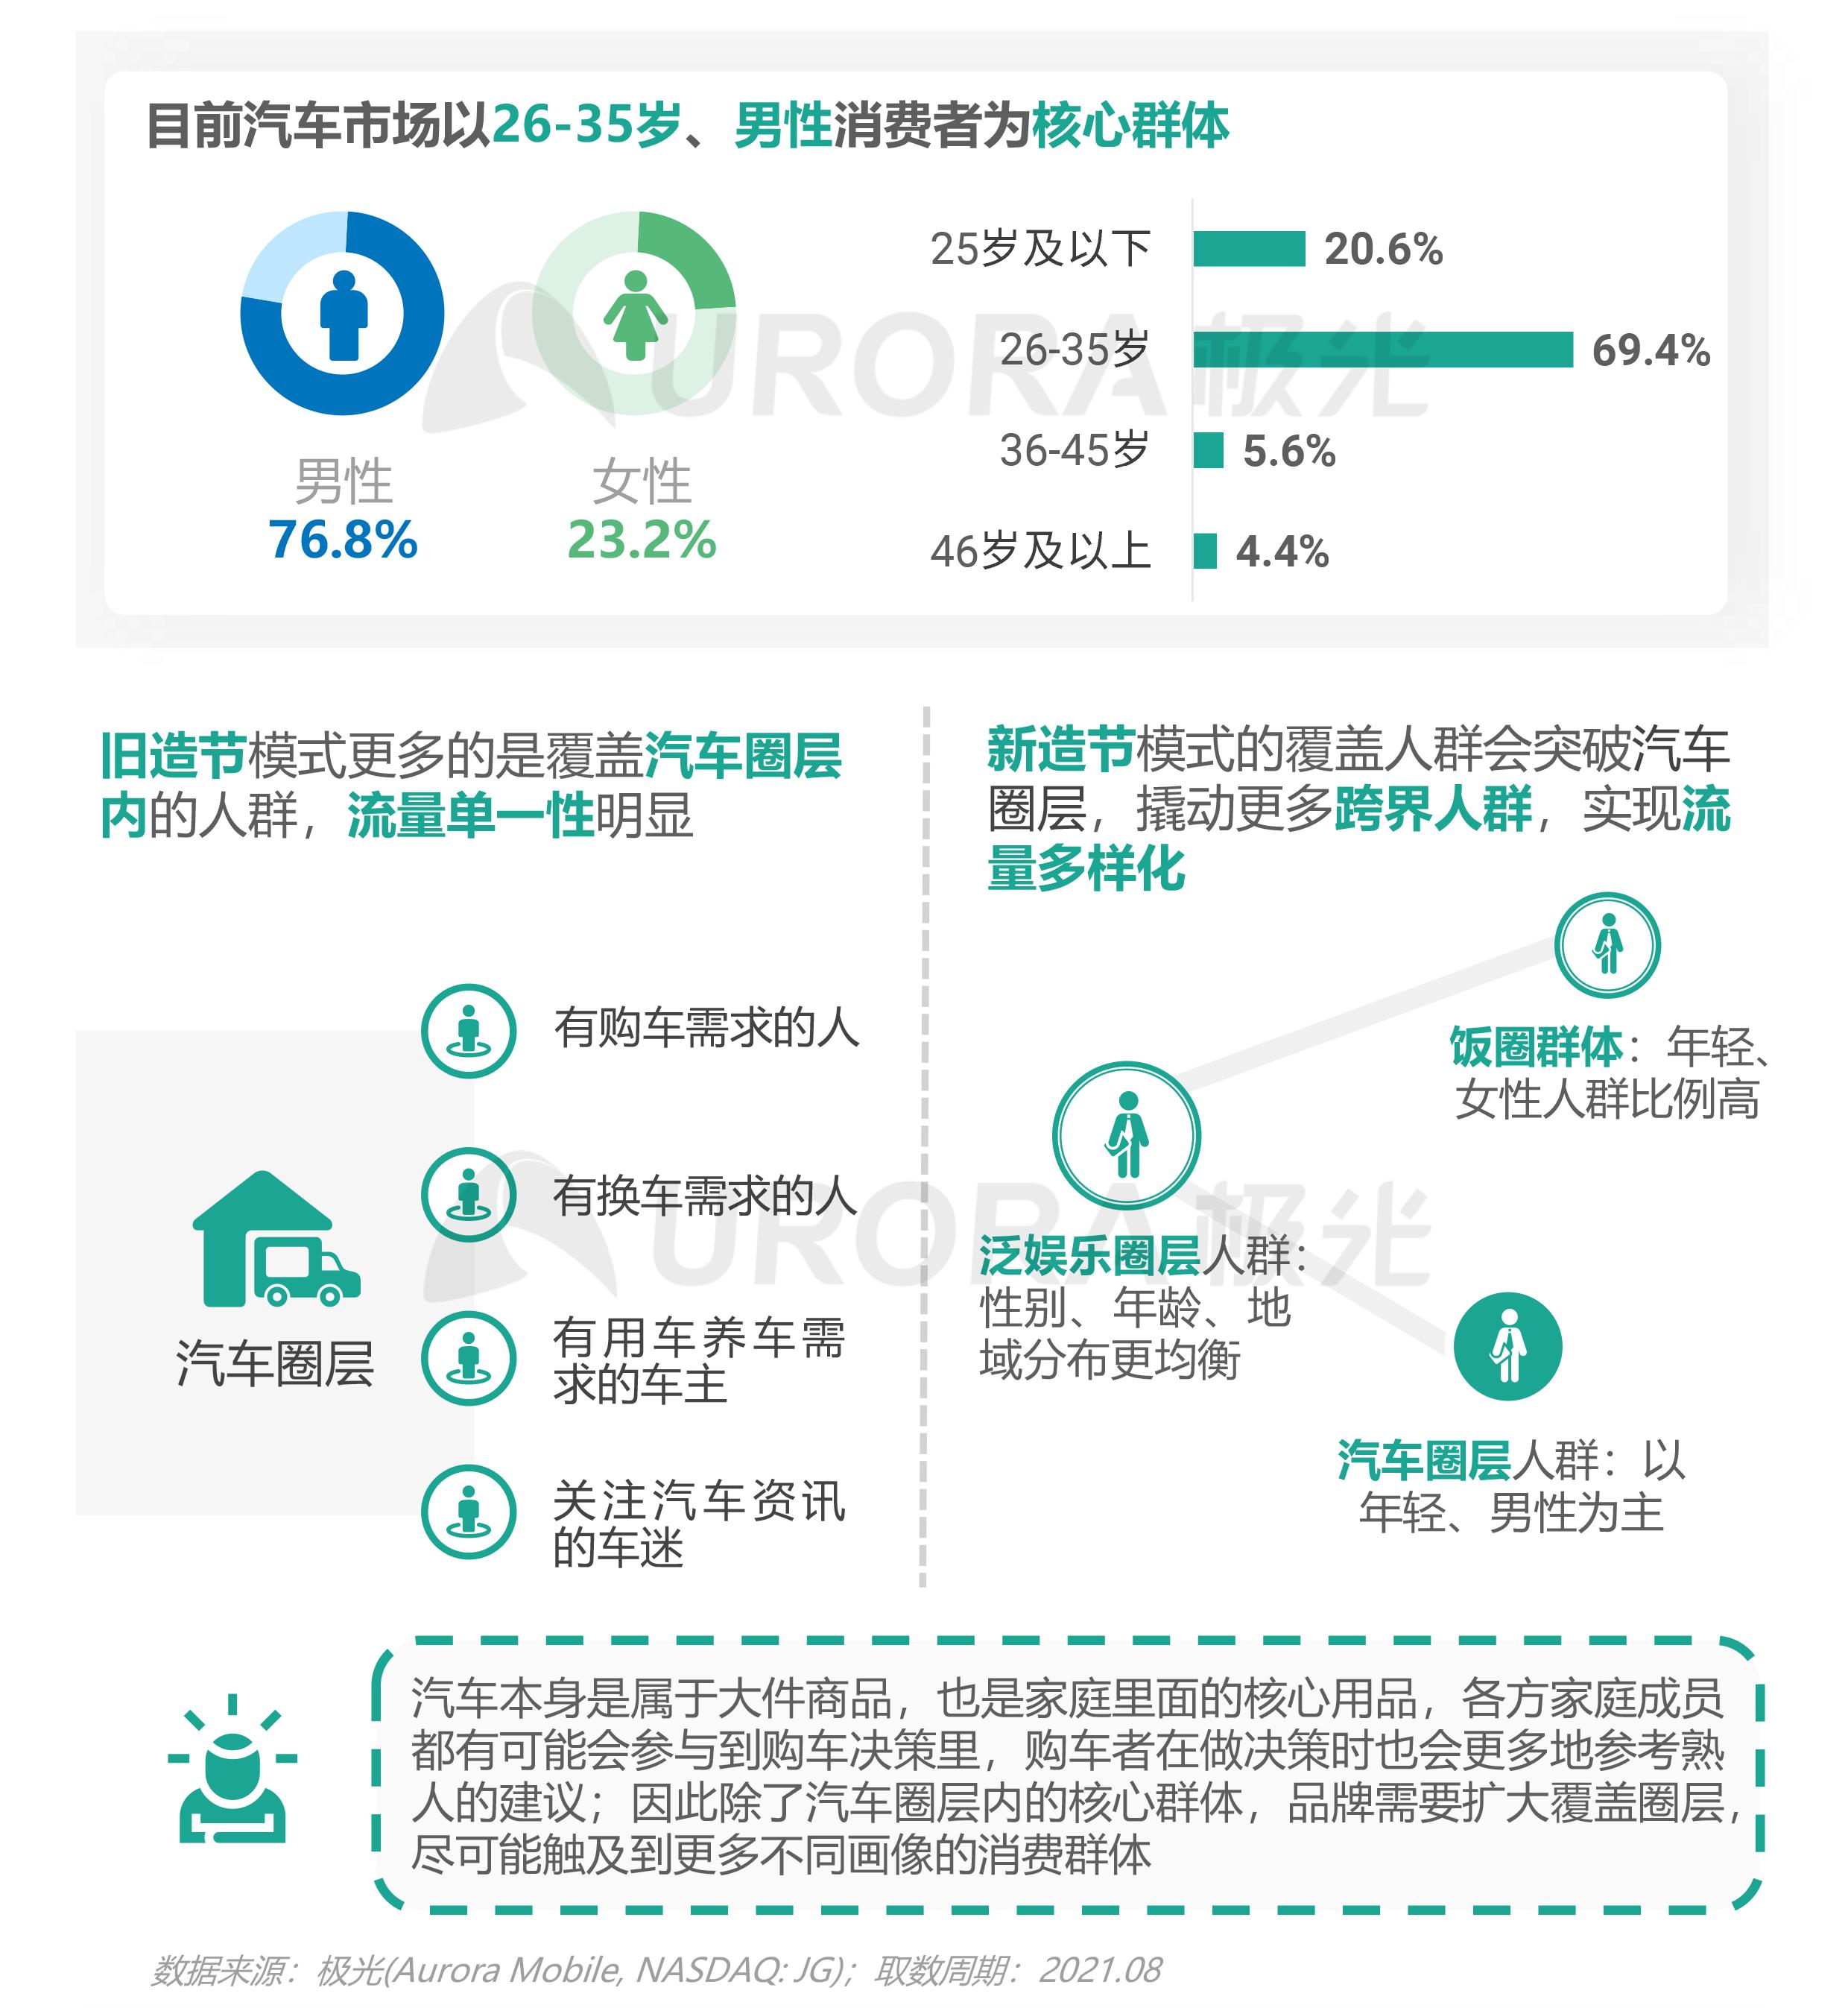 """汽车行业""""新造节""""营销趋势研究报告【定稿】-16.png"""